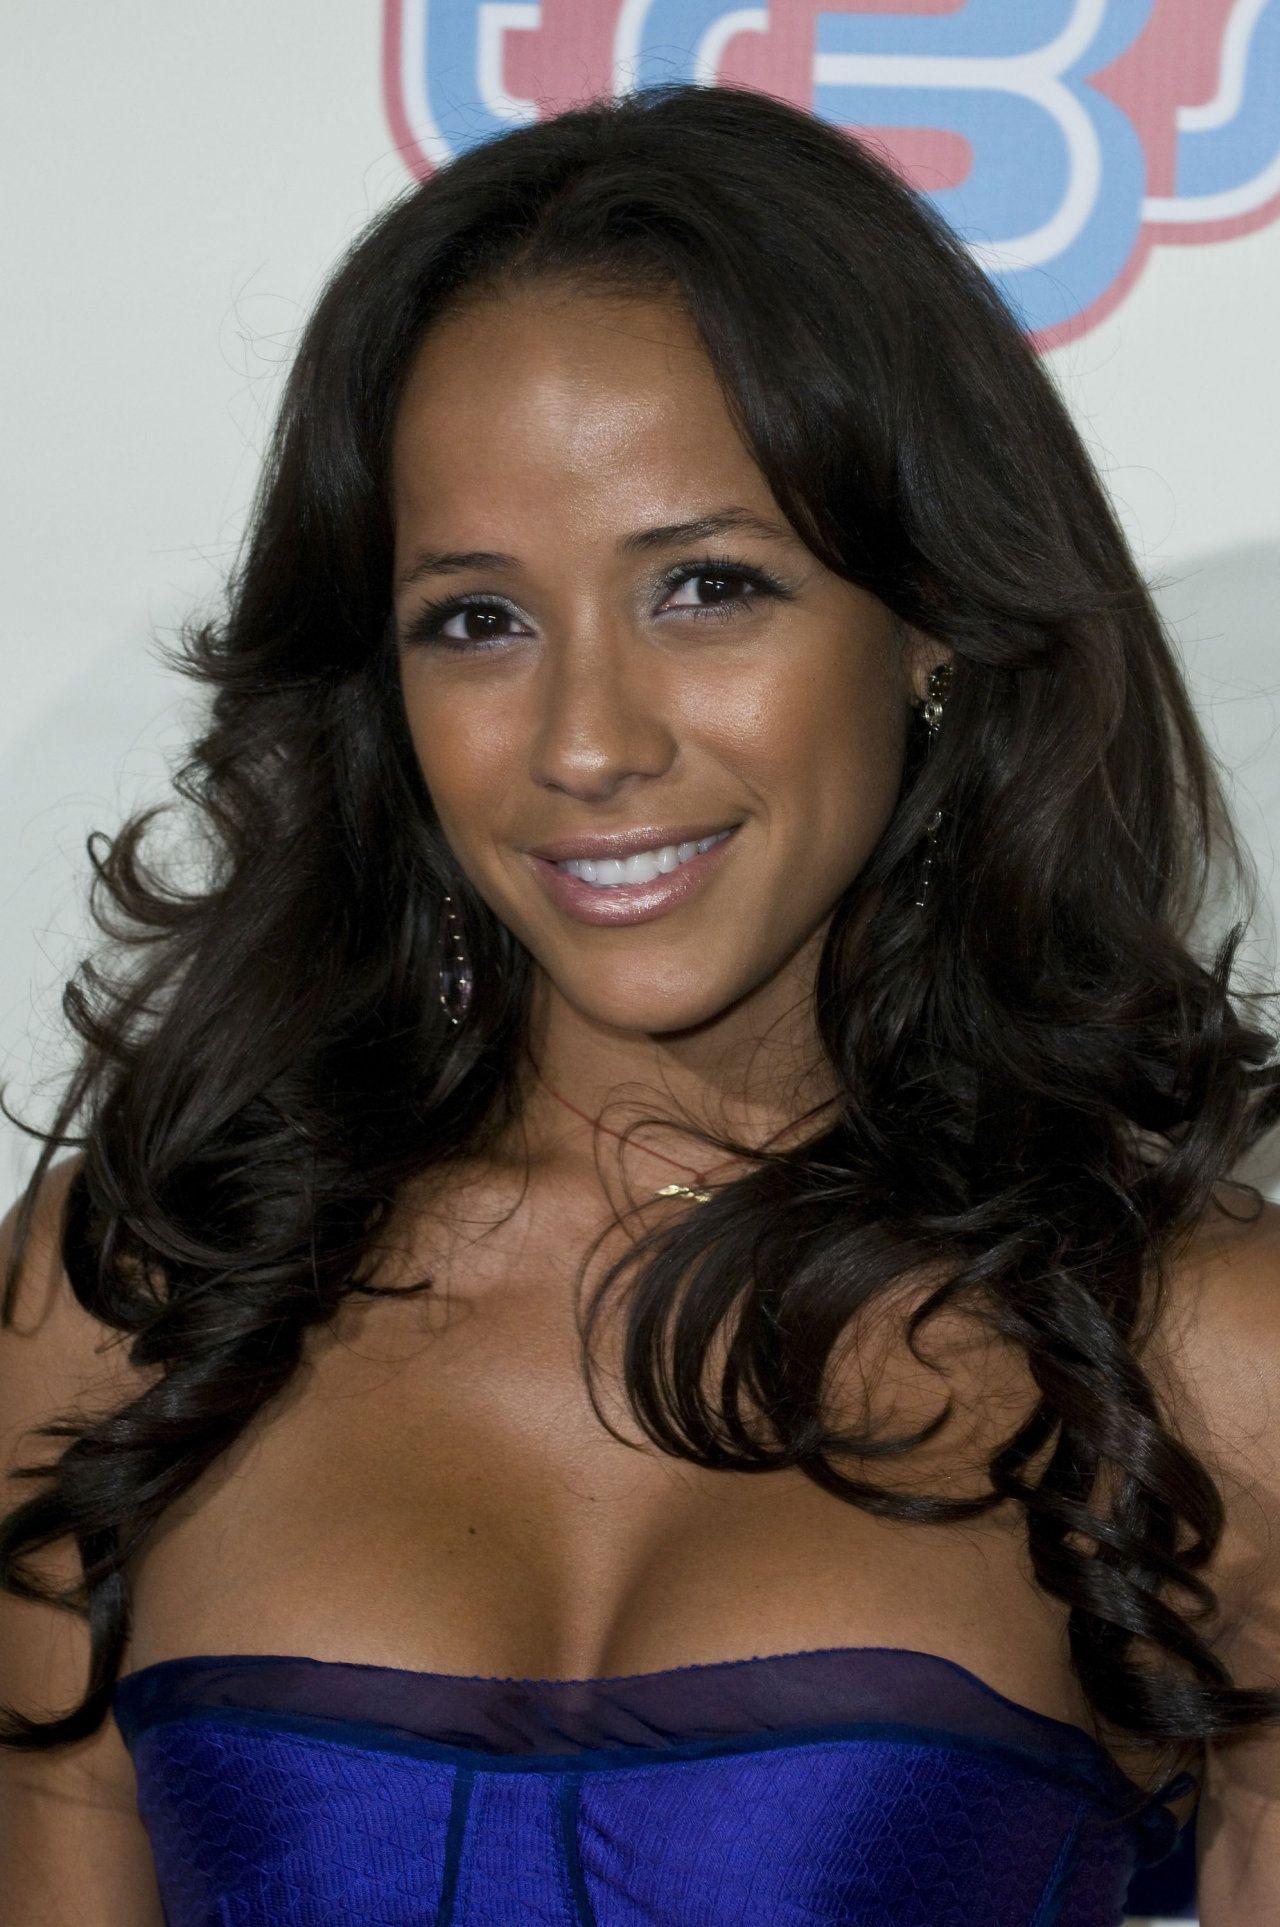 Pretty dominican women